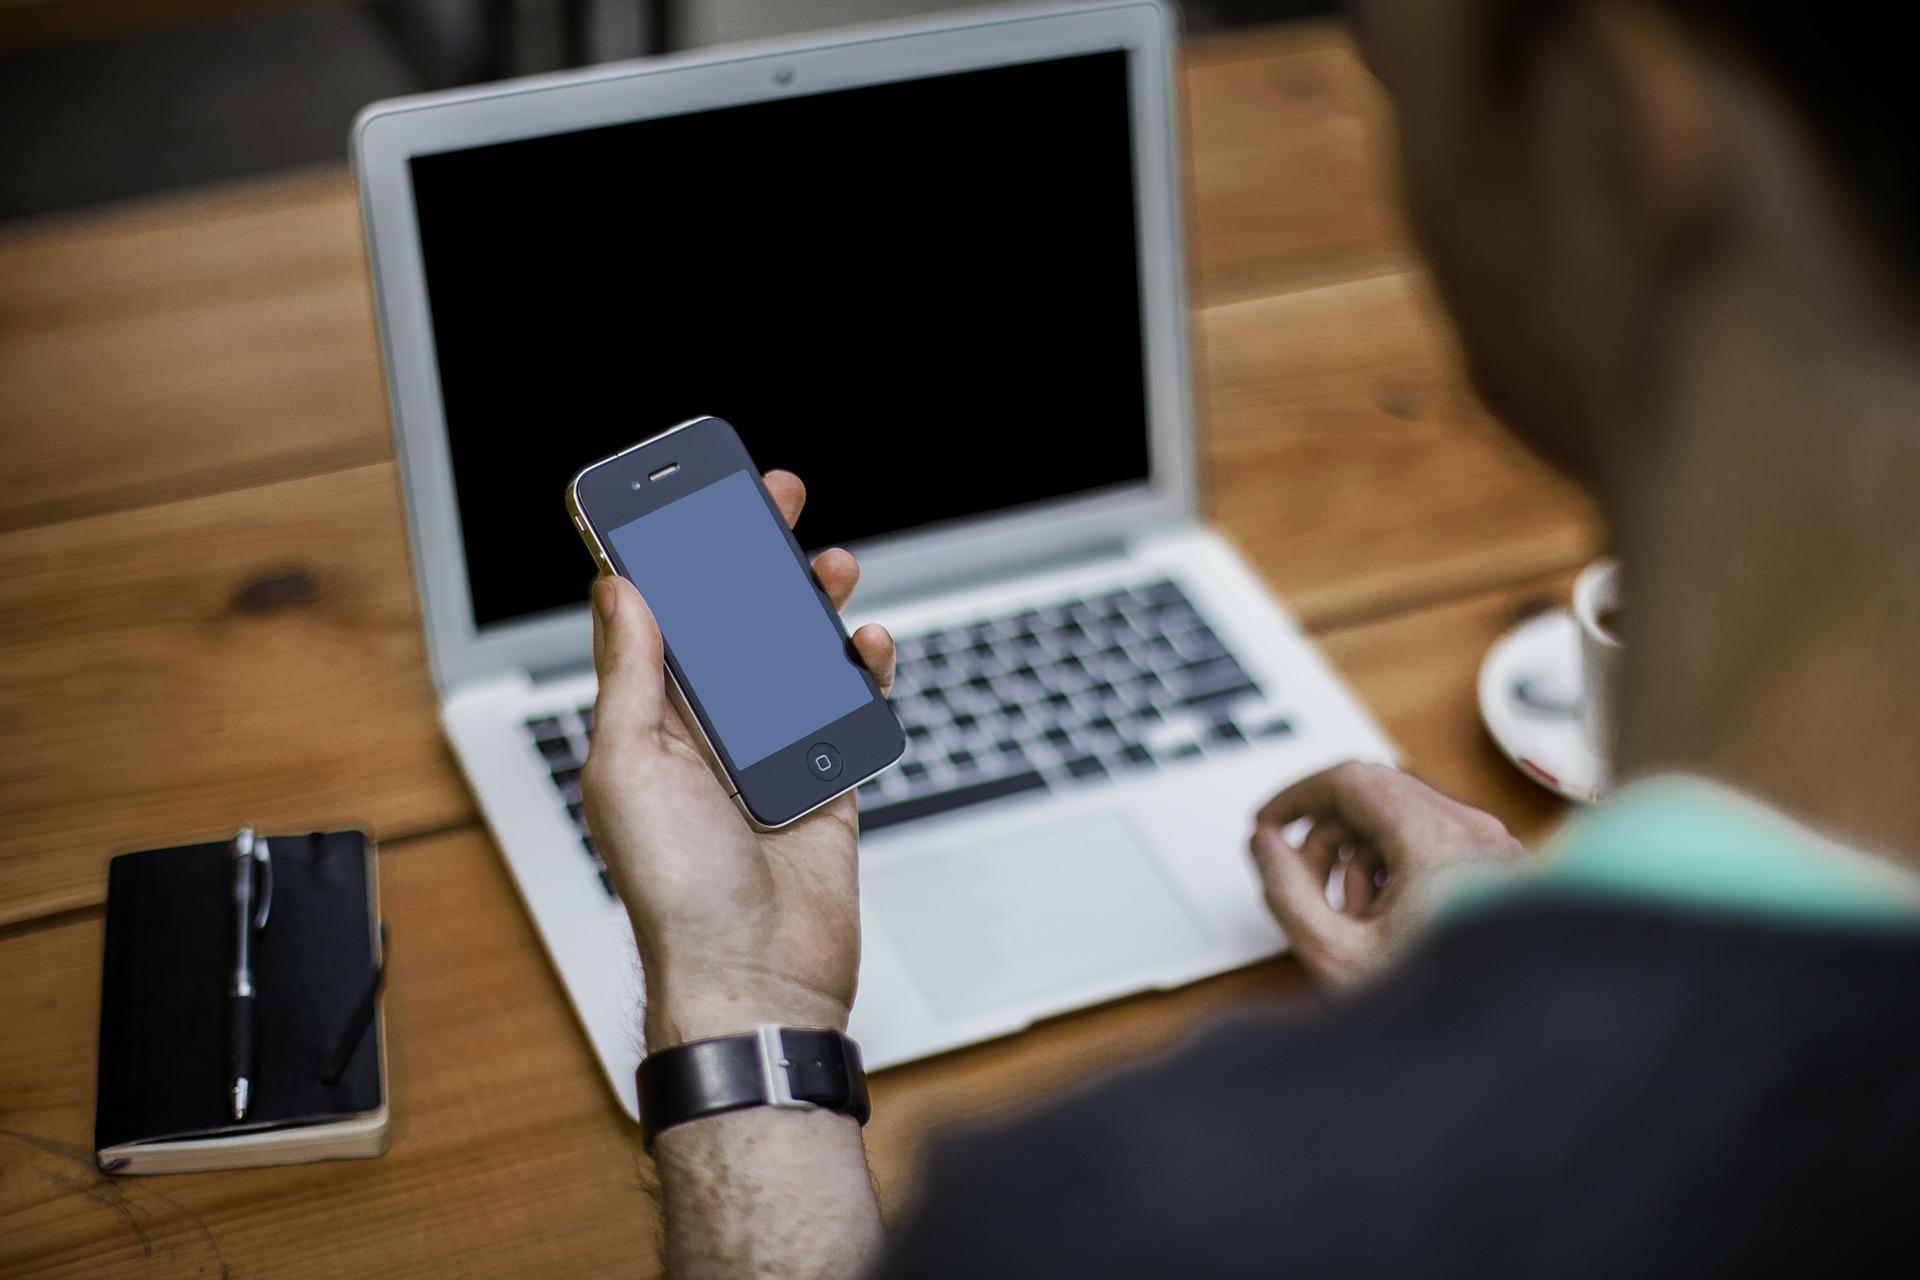 Obrázek: Kolik je na světě iPhonů? Apple přestane poskytovat informace o počtu prodaných zařízení